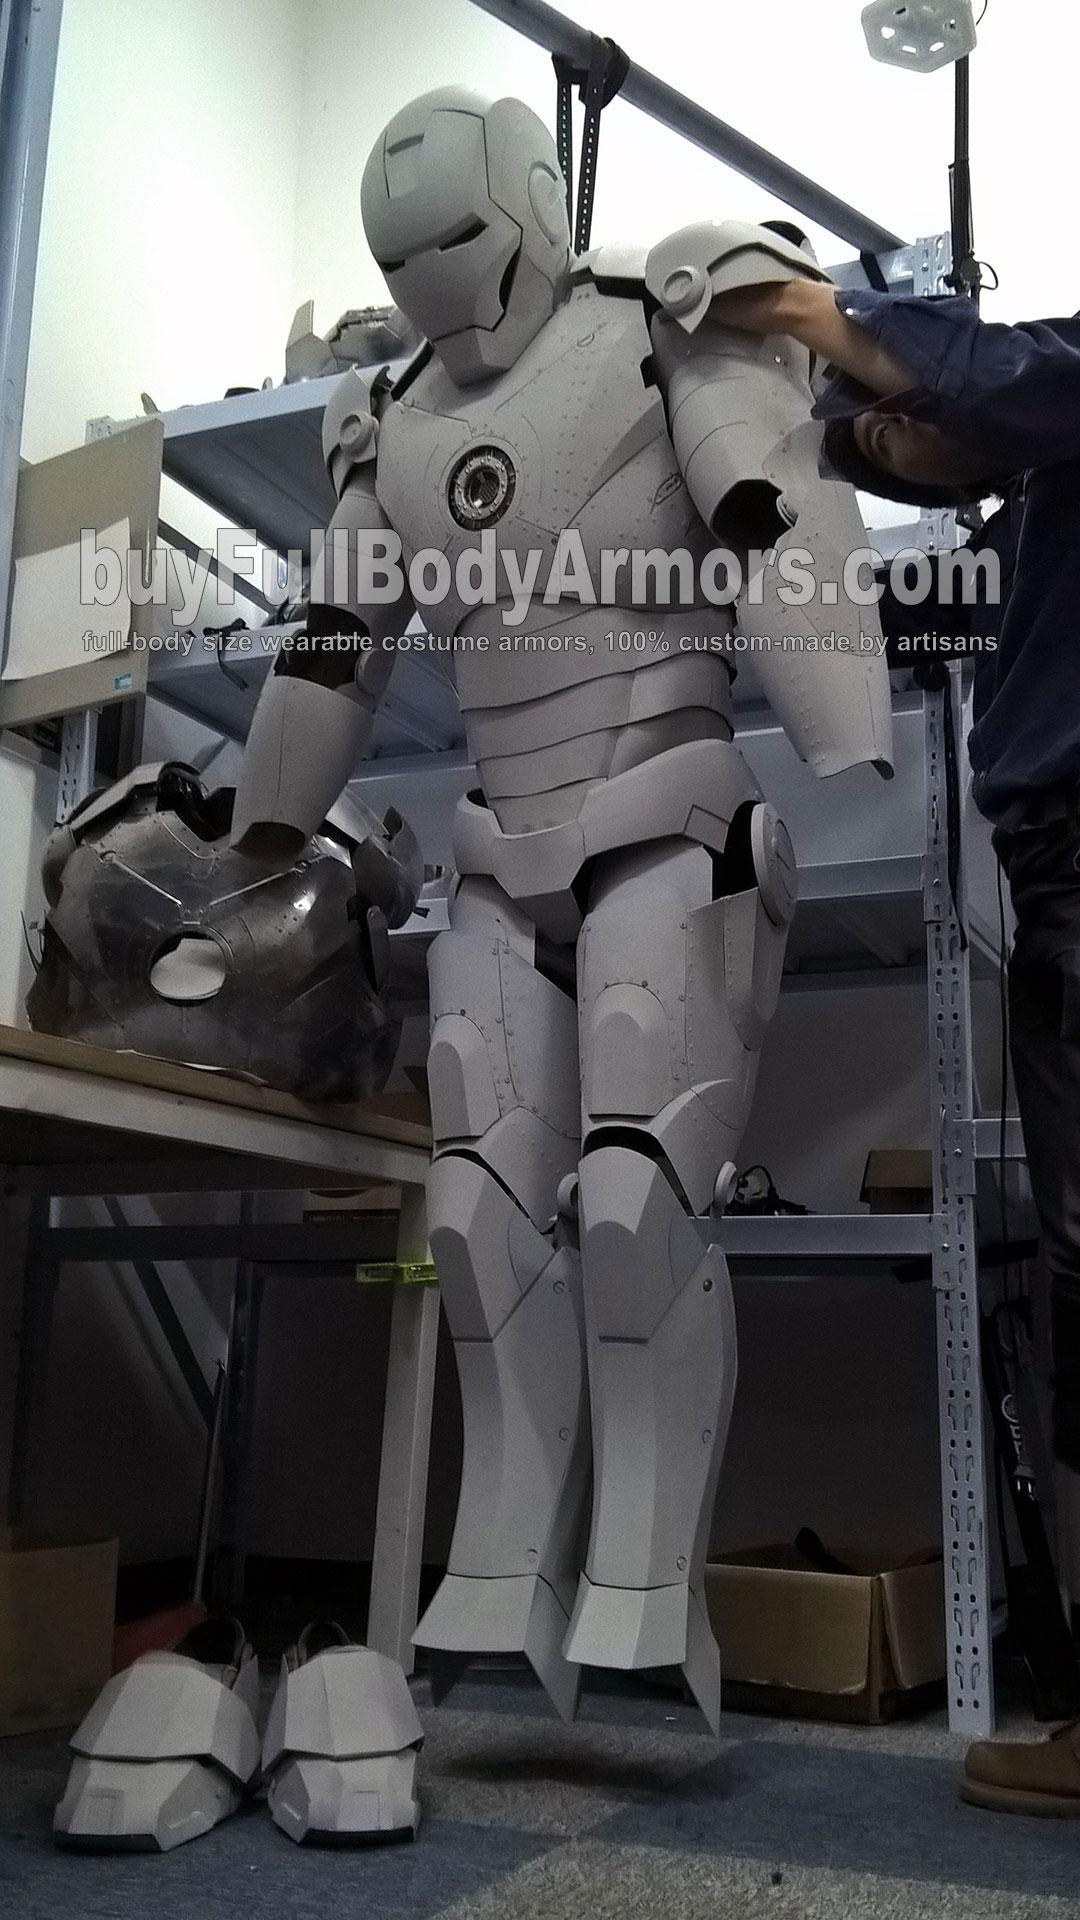 Malen Sie die Echter Iron Man Mark II anzug original Ganzkörper kostüm Replik, wie Sie es wünschen 1